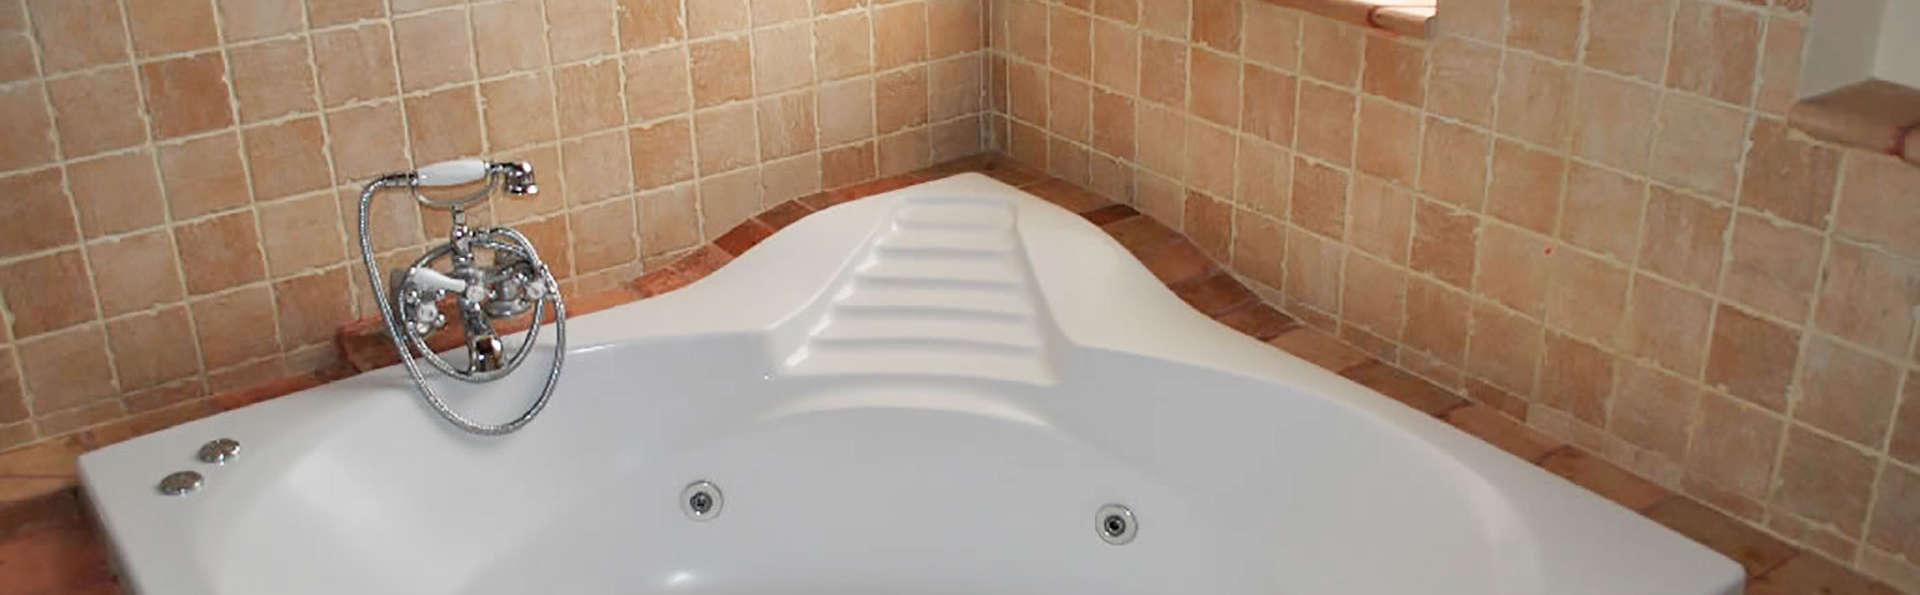 El Rincón de las Descalzas - EDIT_bath.jpg